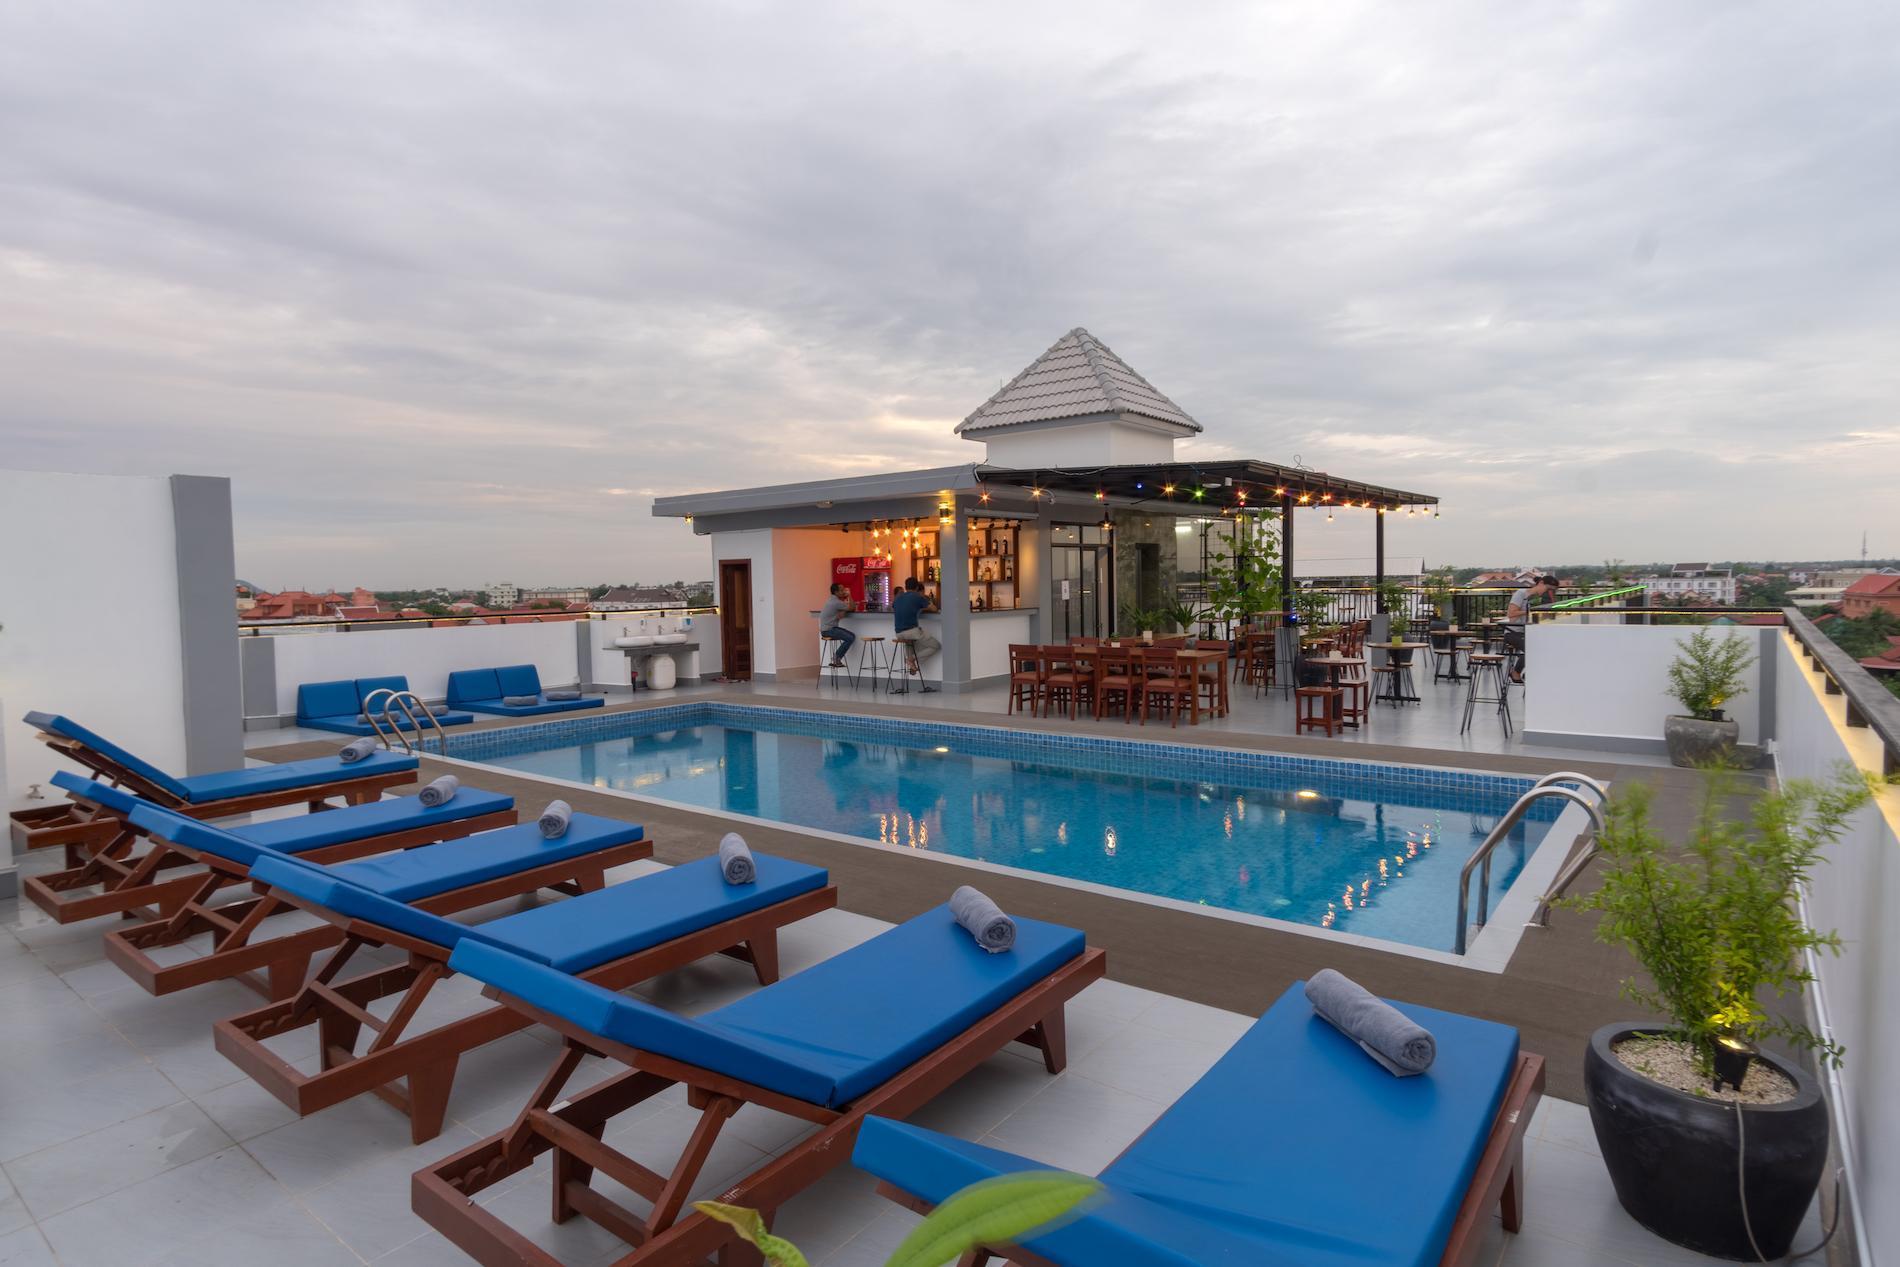 Residence At Angkor City View Hotel